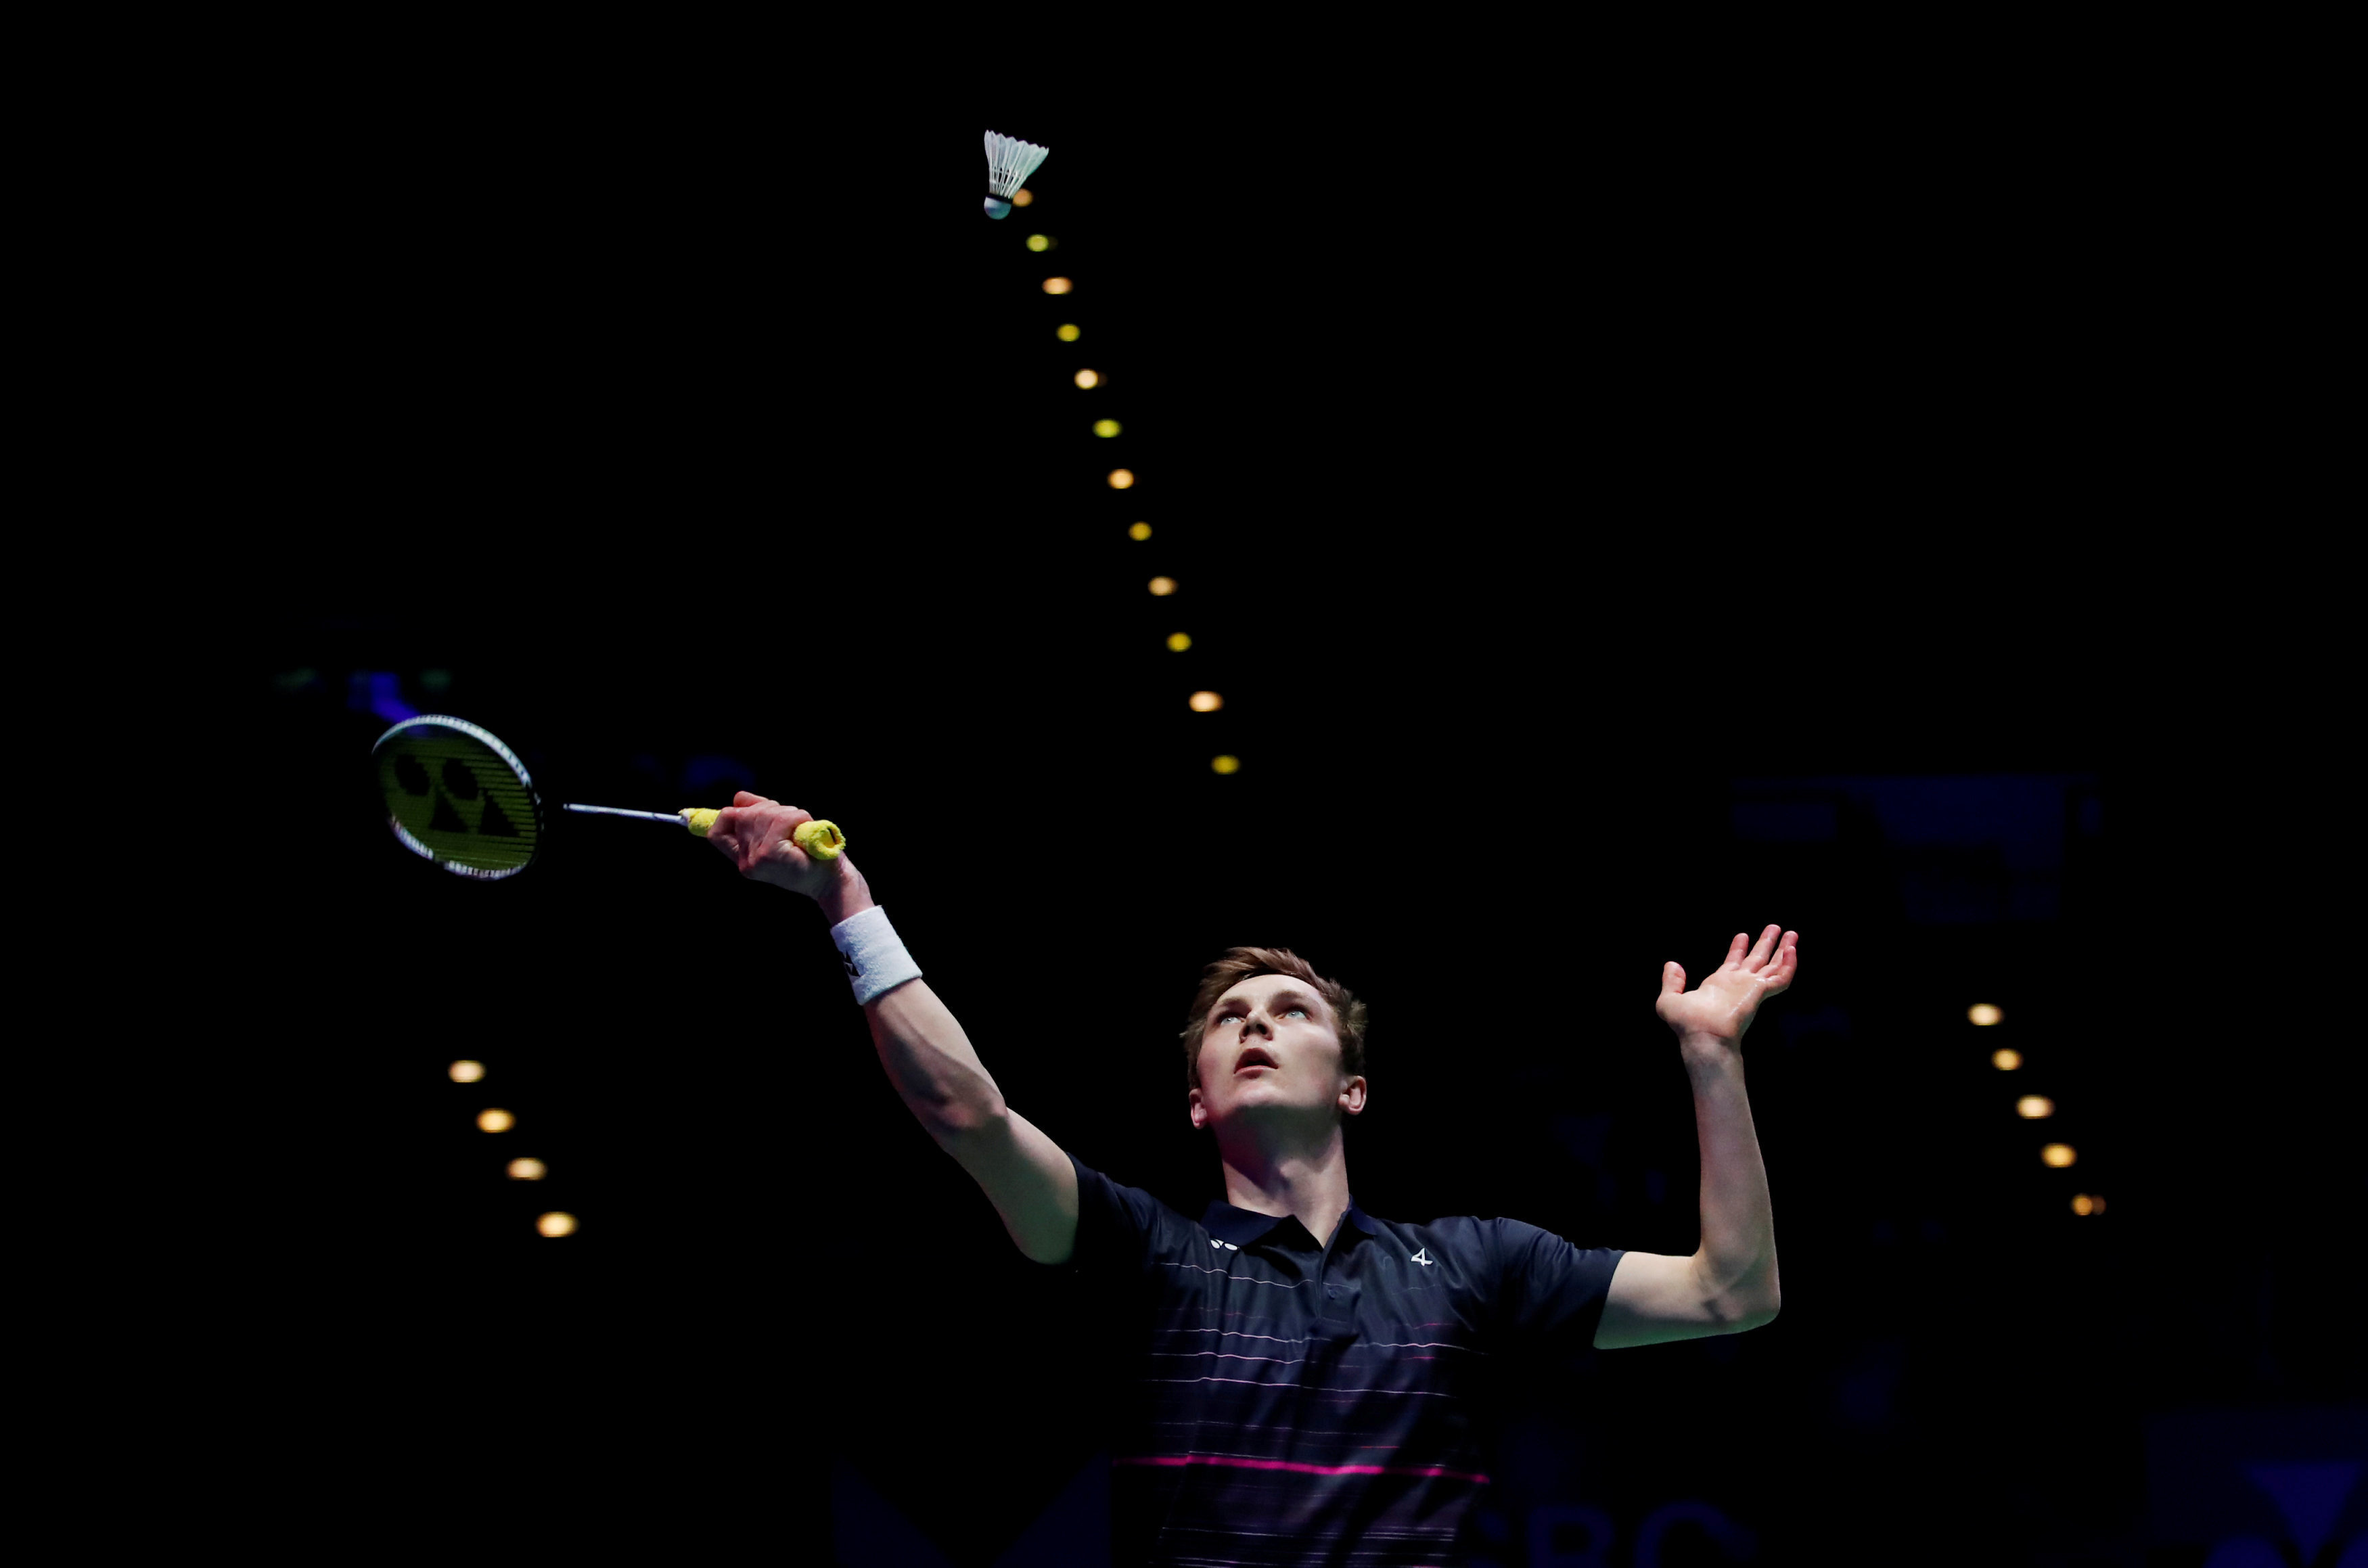 Denmark's Viktor Axelsen in action during the men's badminton final against Japan's Kento Momota inBirmingham, Britain,